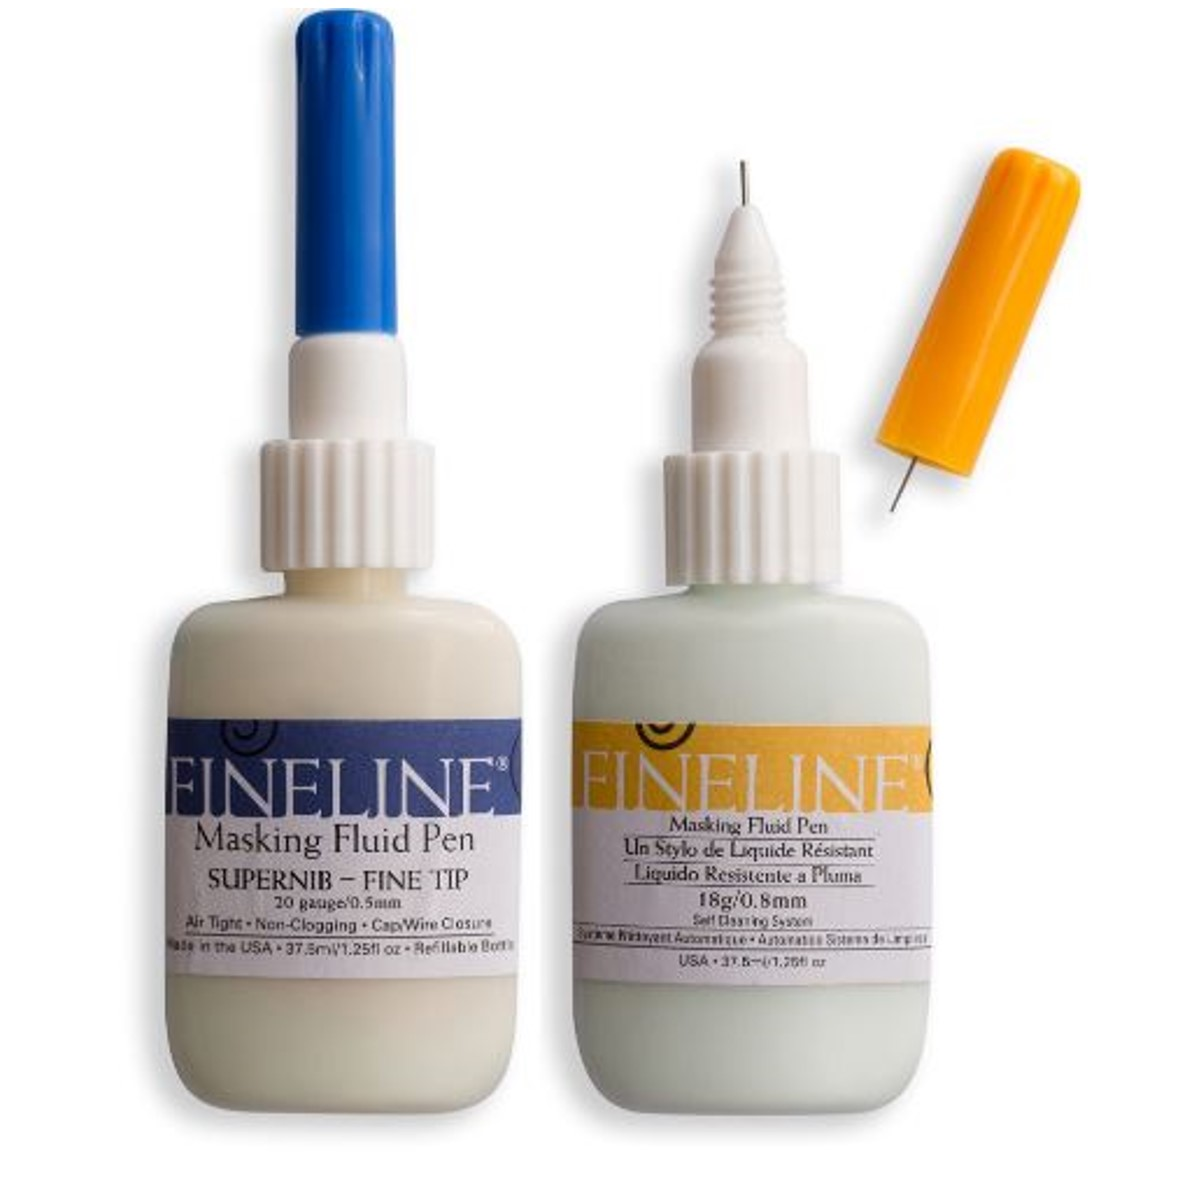 Fineline Masking Fluid Pen